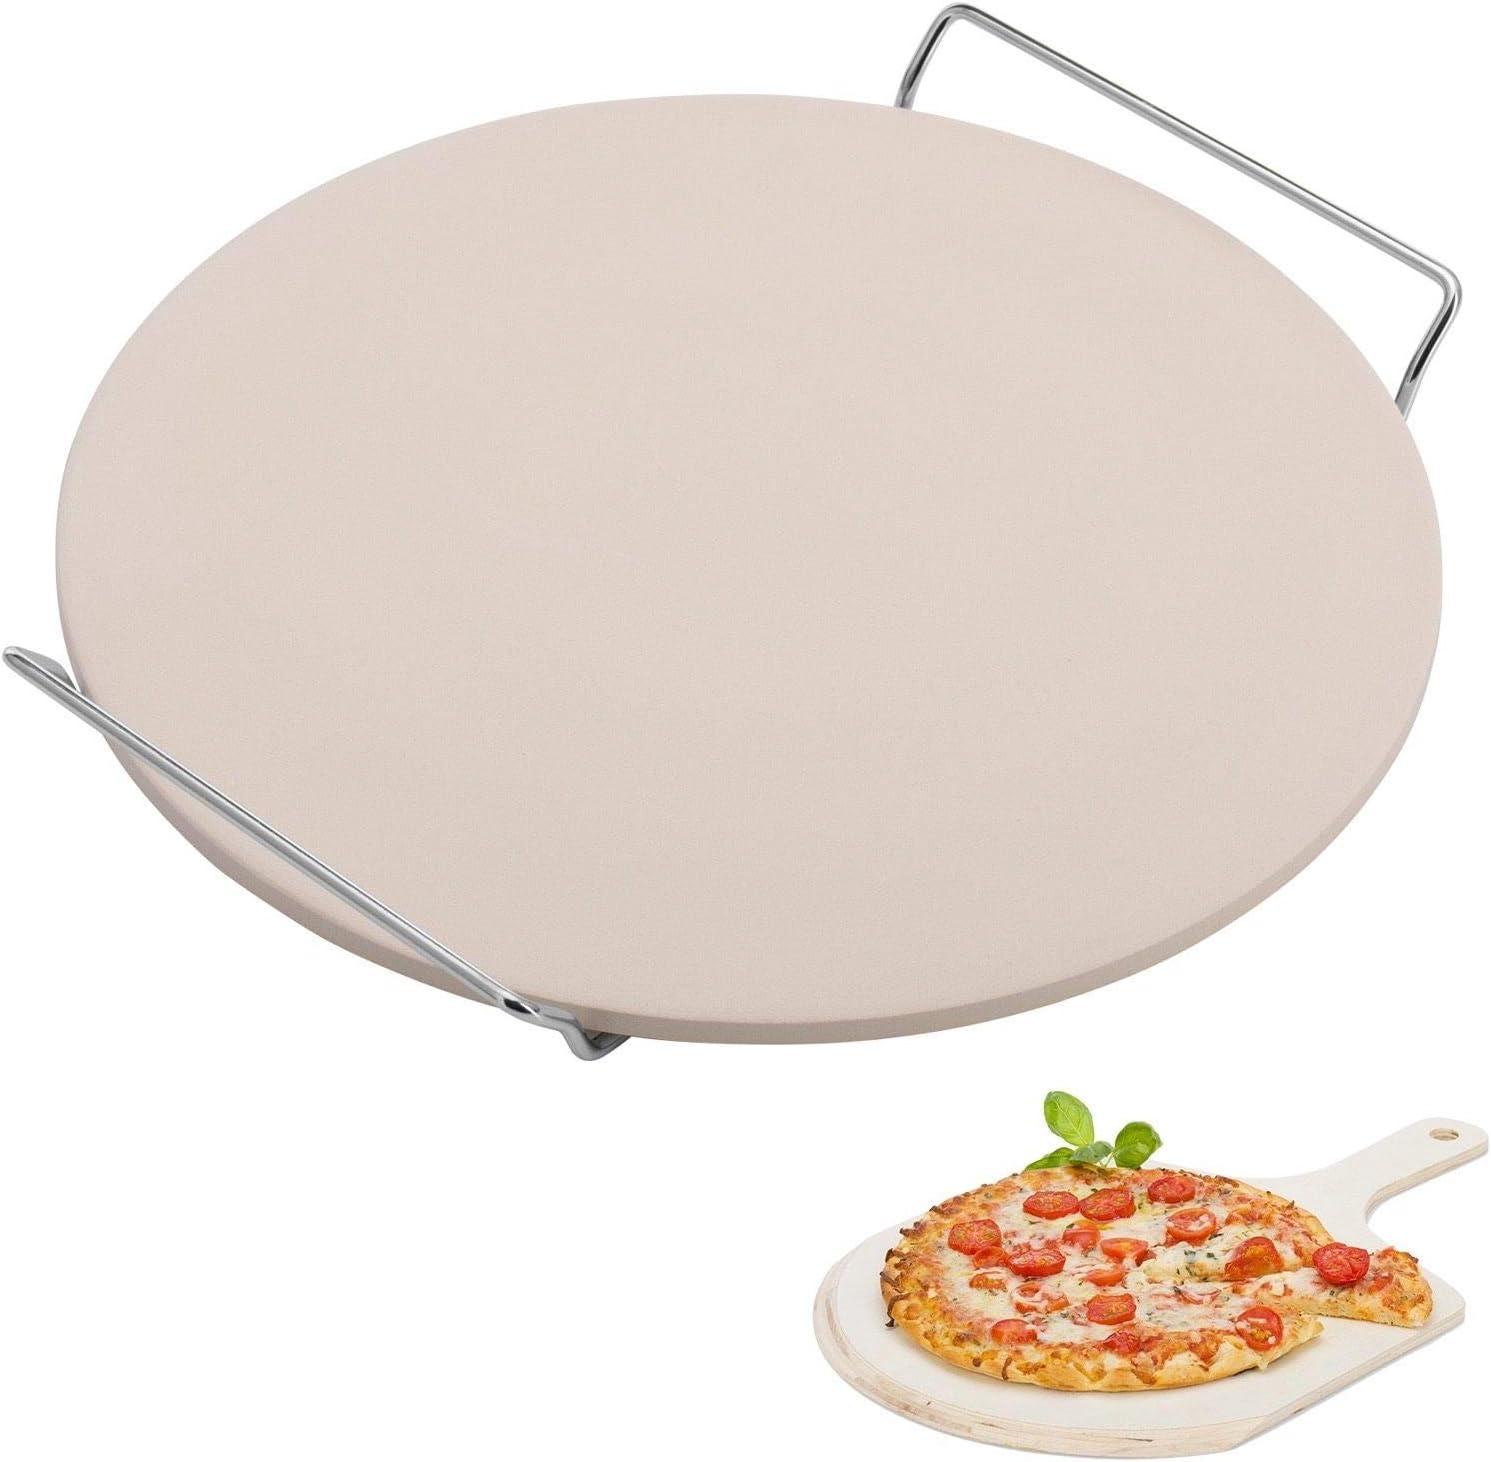 Westmark - Bandeja de Horno para Pizza, cerámica, Beige, Ø 33 cm